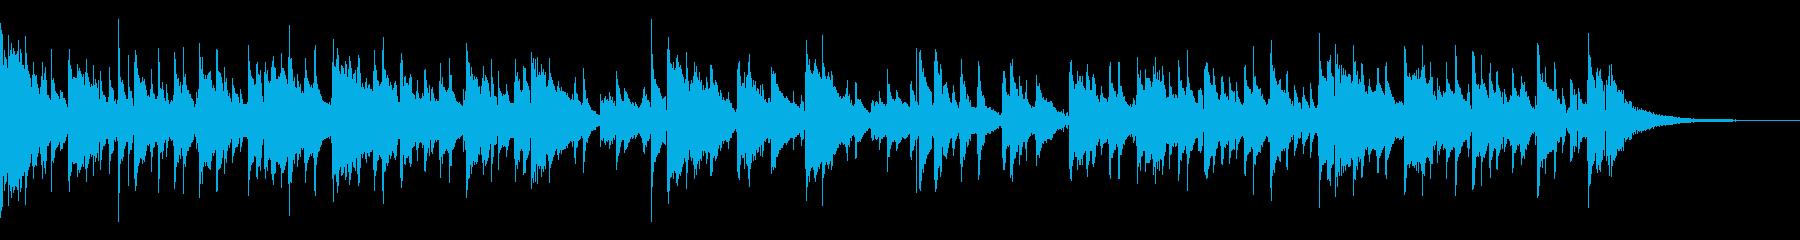 アコギ50/深い悲しみ、ソロ、生音の再生済みの波形